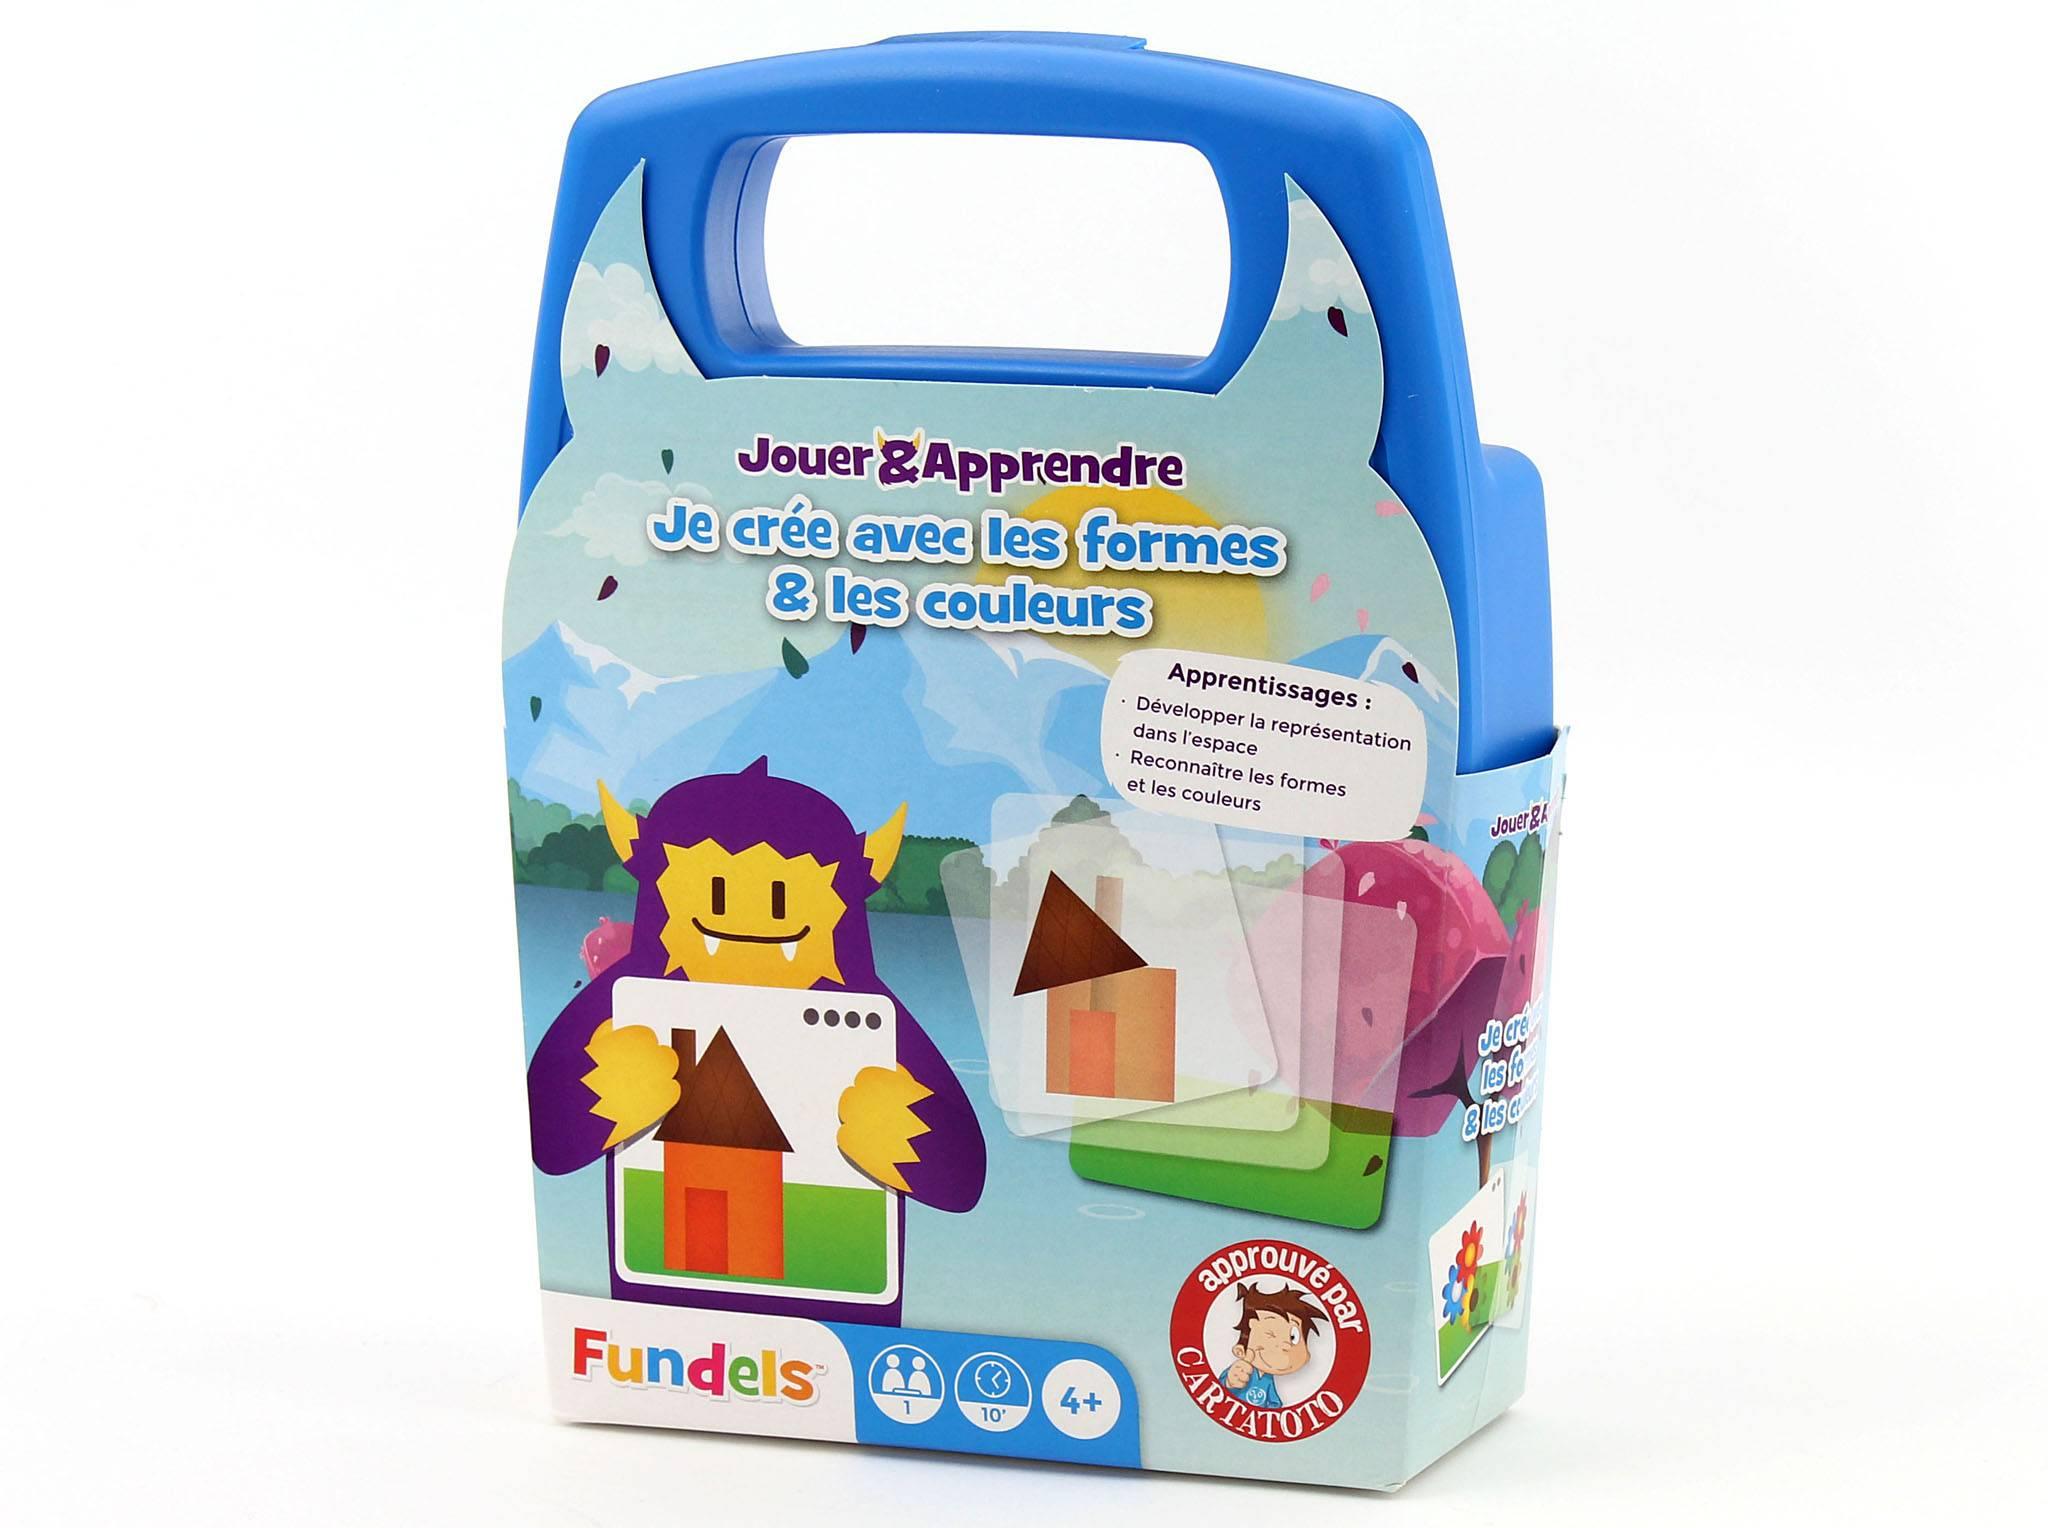 France Cartes Jouer & Apprendre, Je Crée Avec Les Formes encequiconcerne Apprendre Carte De France